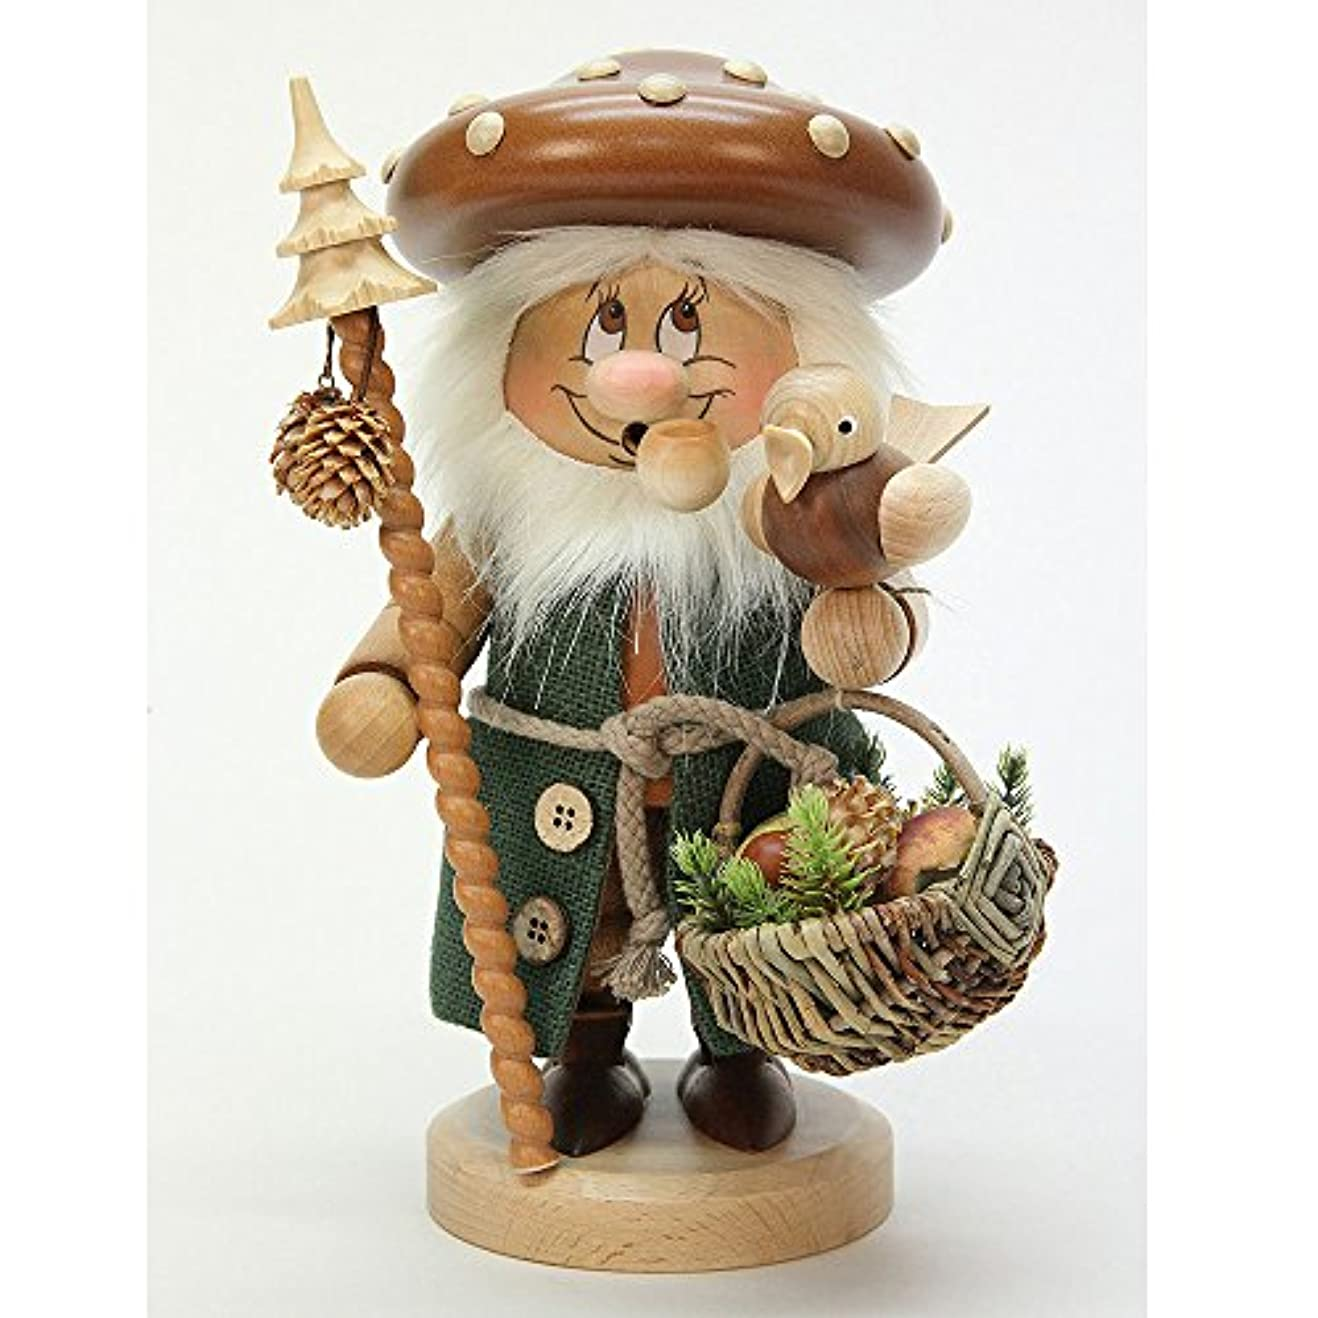 動揺させるスピーチ負ドイツ語喫煙者Incense GnomeマッシュルームMan – 27 cm / 11インチ – Christian Ulbricht